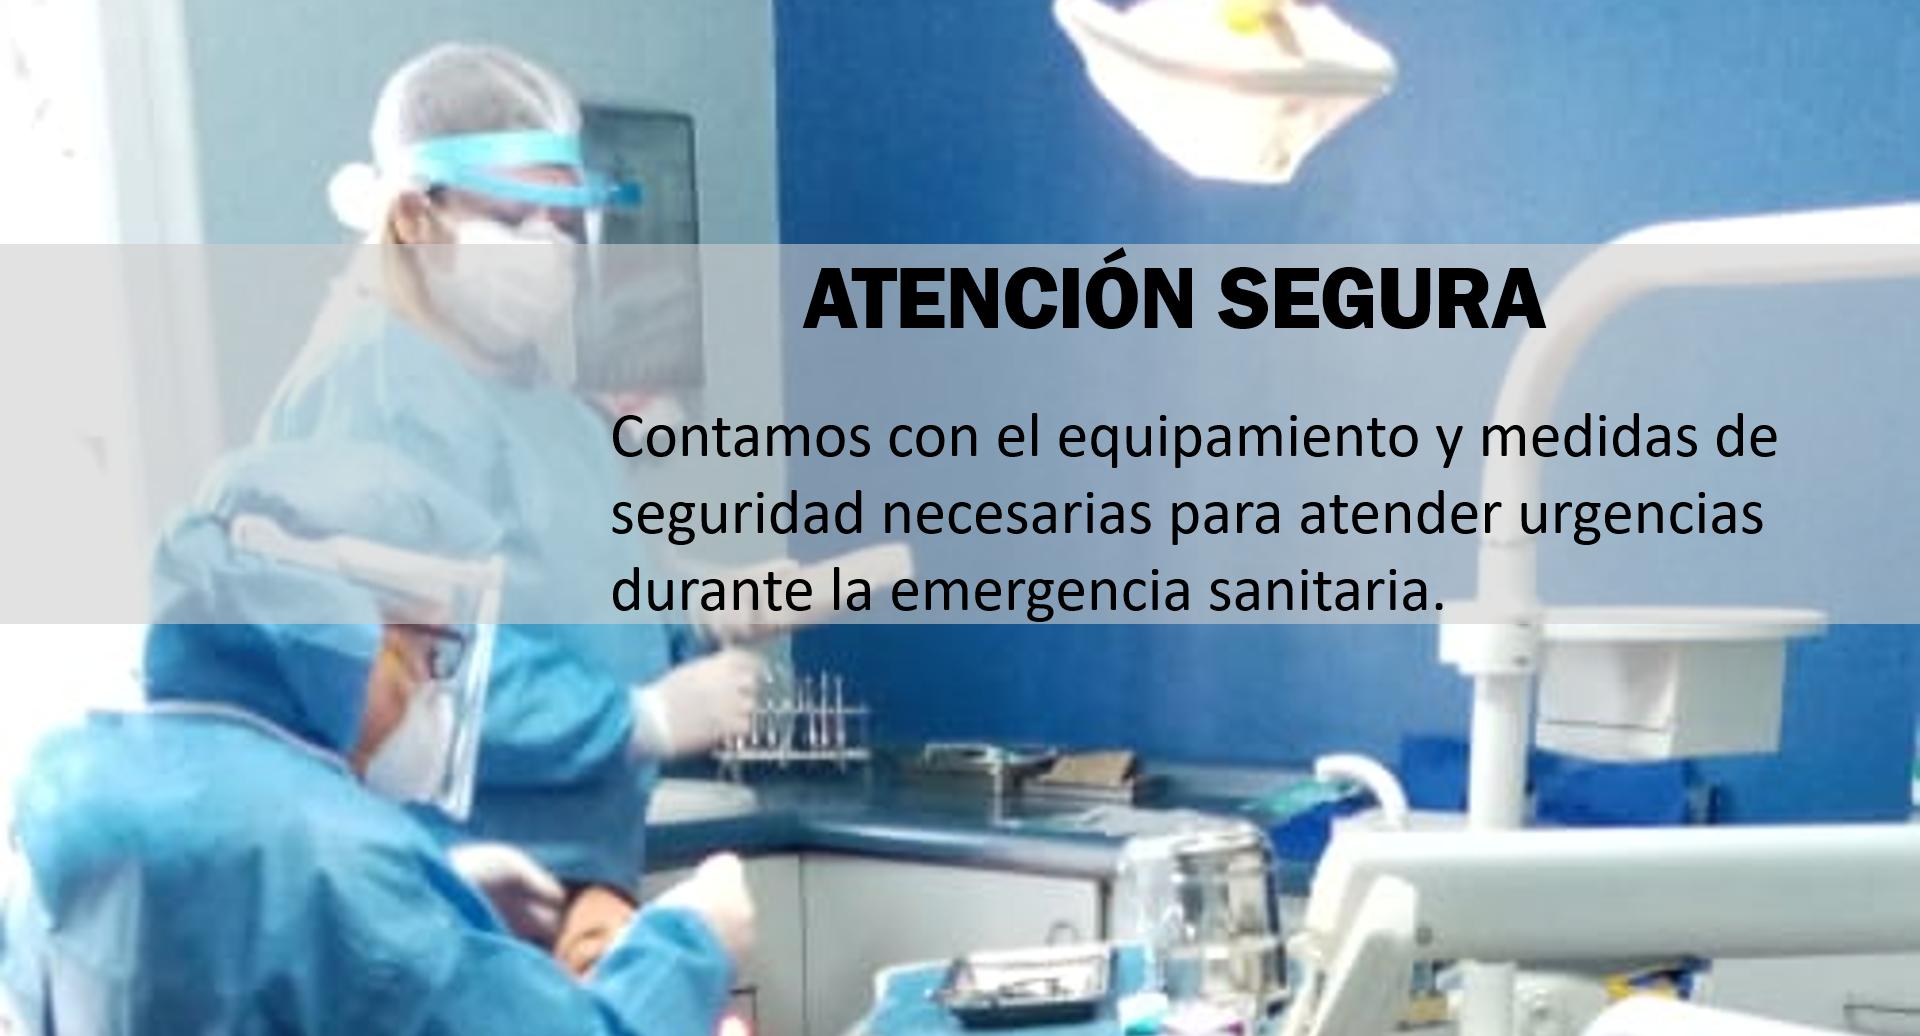 ATENCION-SEGURA